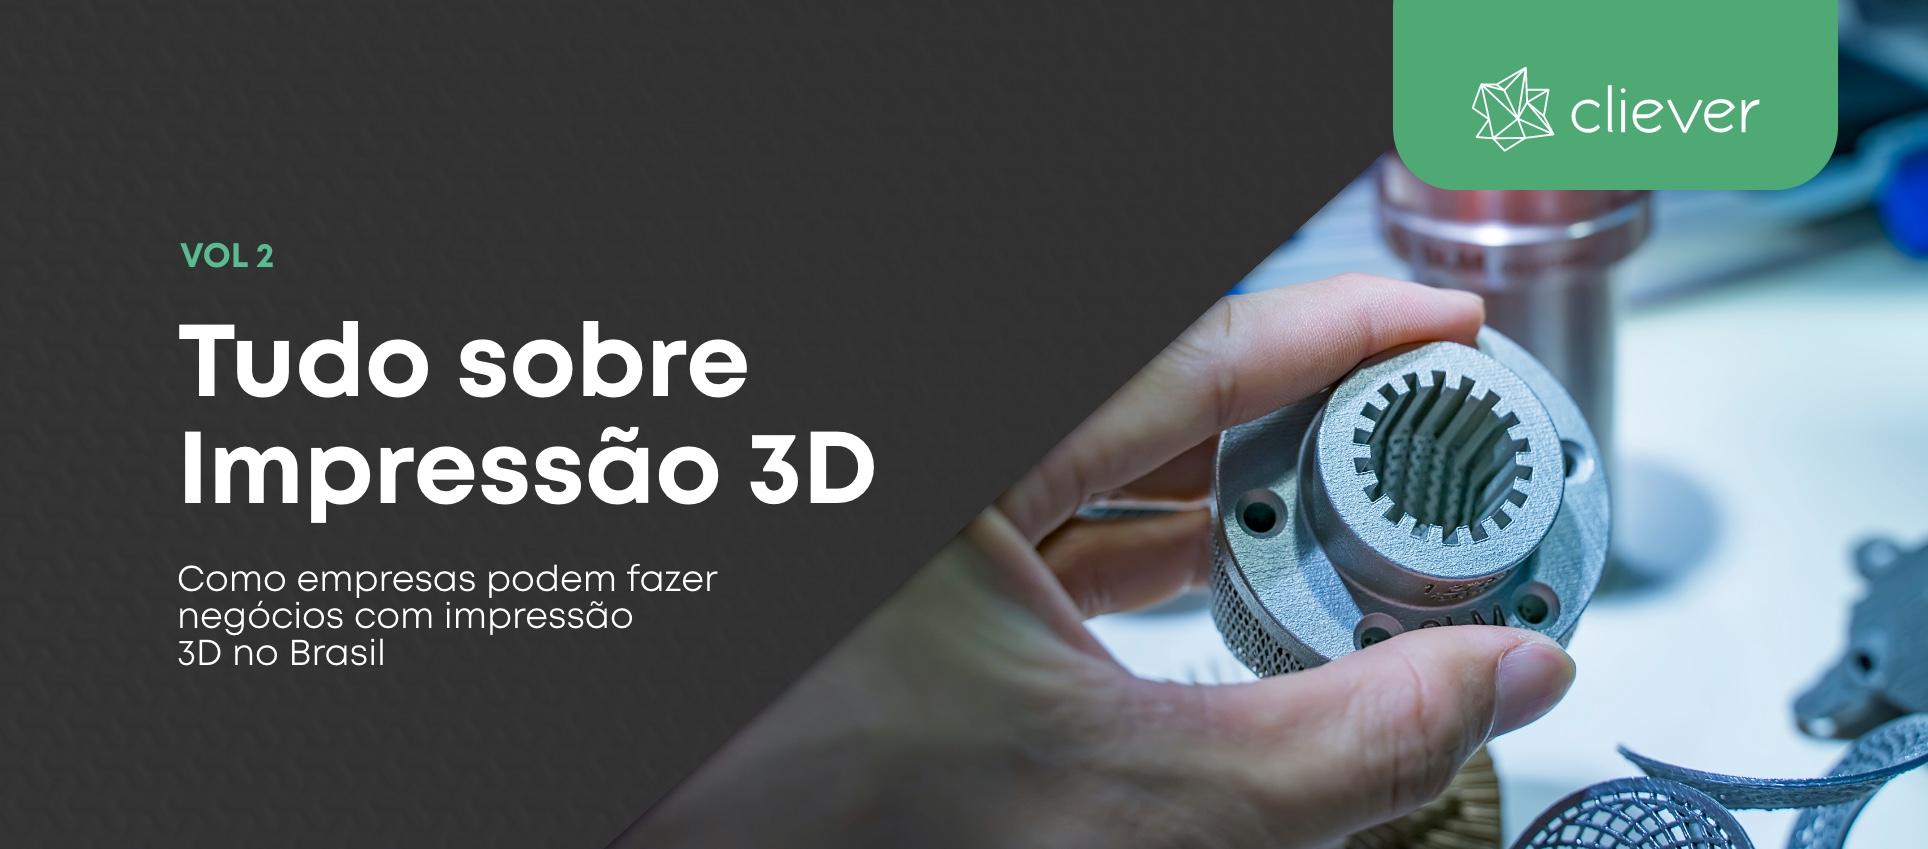 Como empresas podem fazer negócios com impressão 3D no Brasil